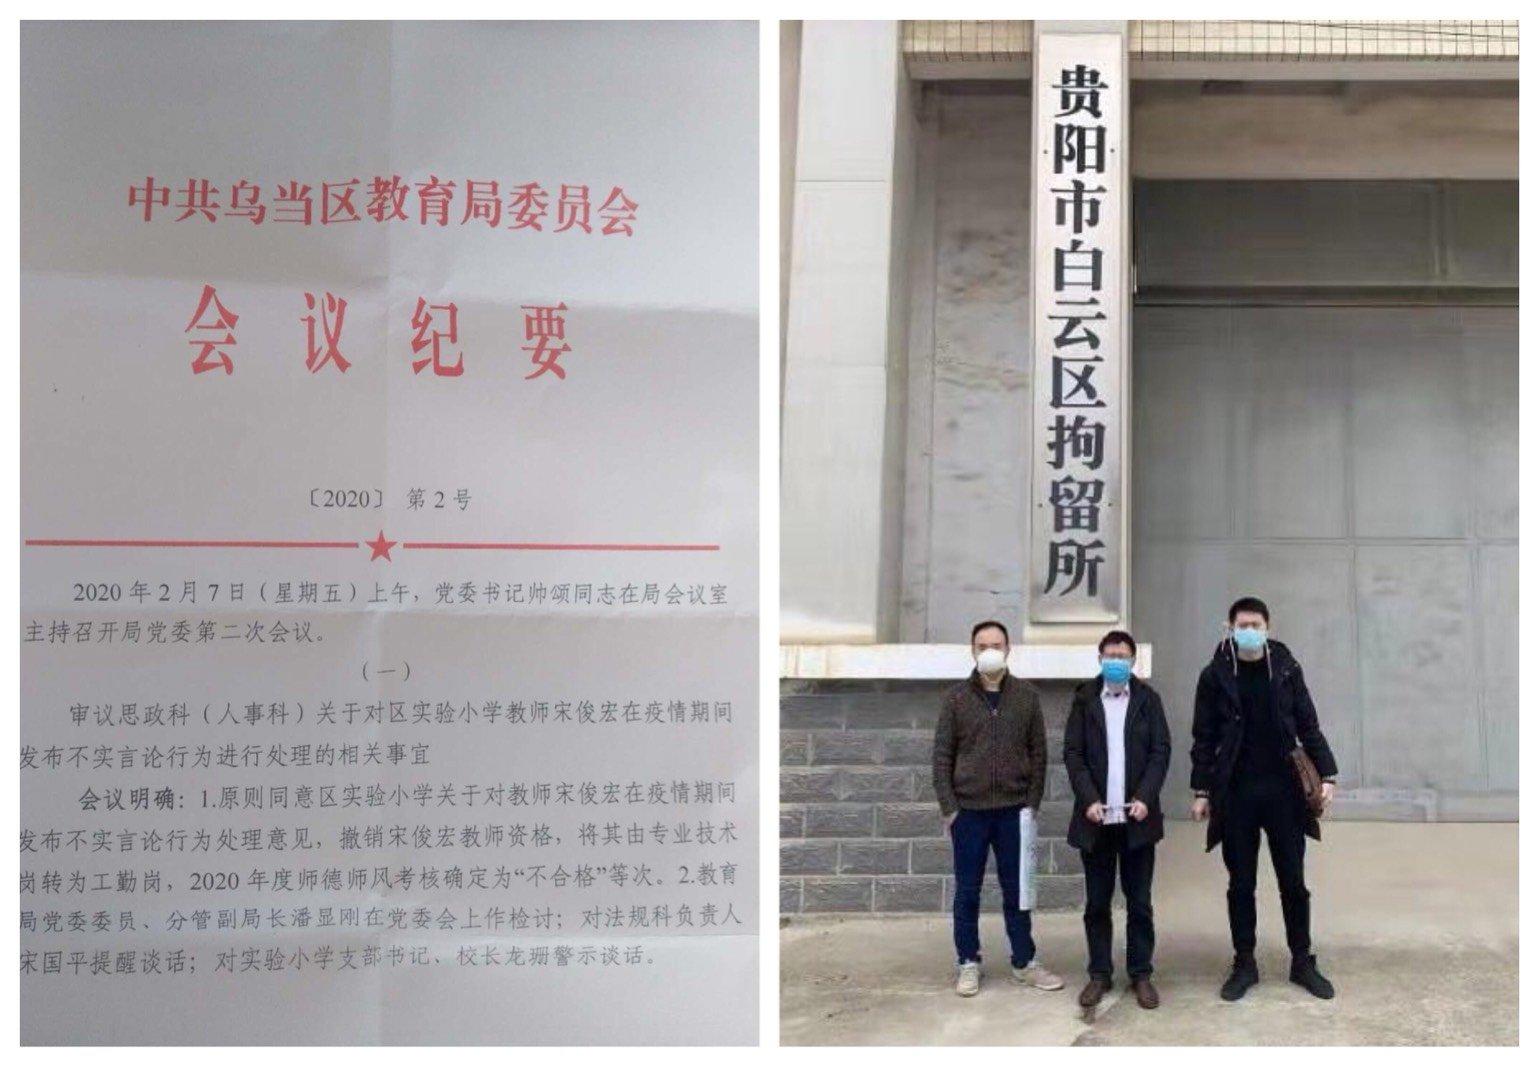 貴州貴陽市小學教師因傳中共肺炎疫情圖片被取消教師資格,降為工人。(大紀元合成圖)